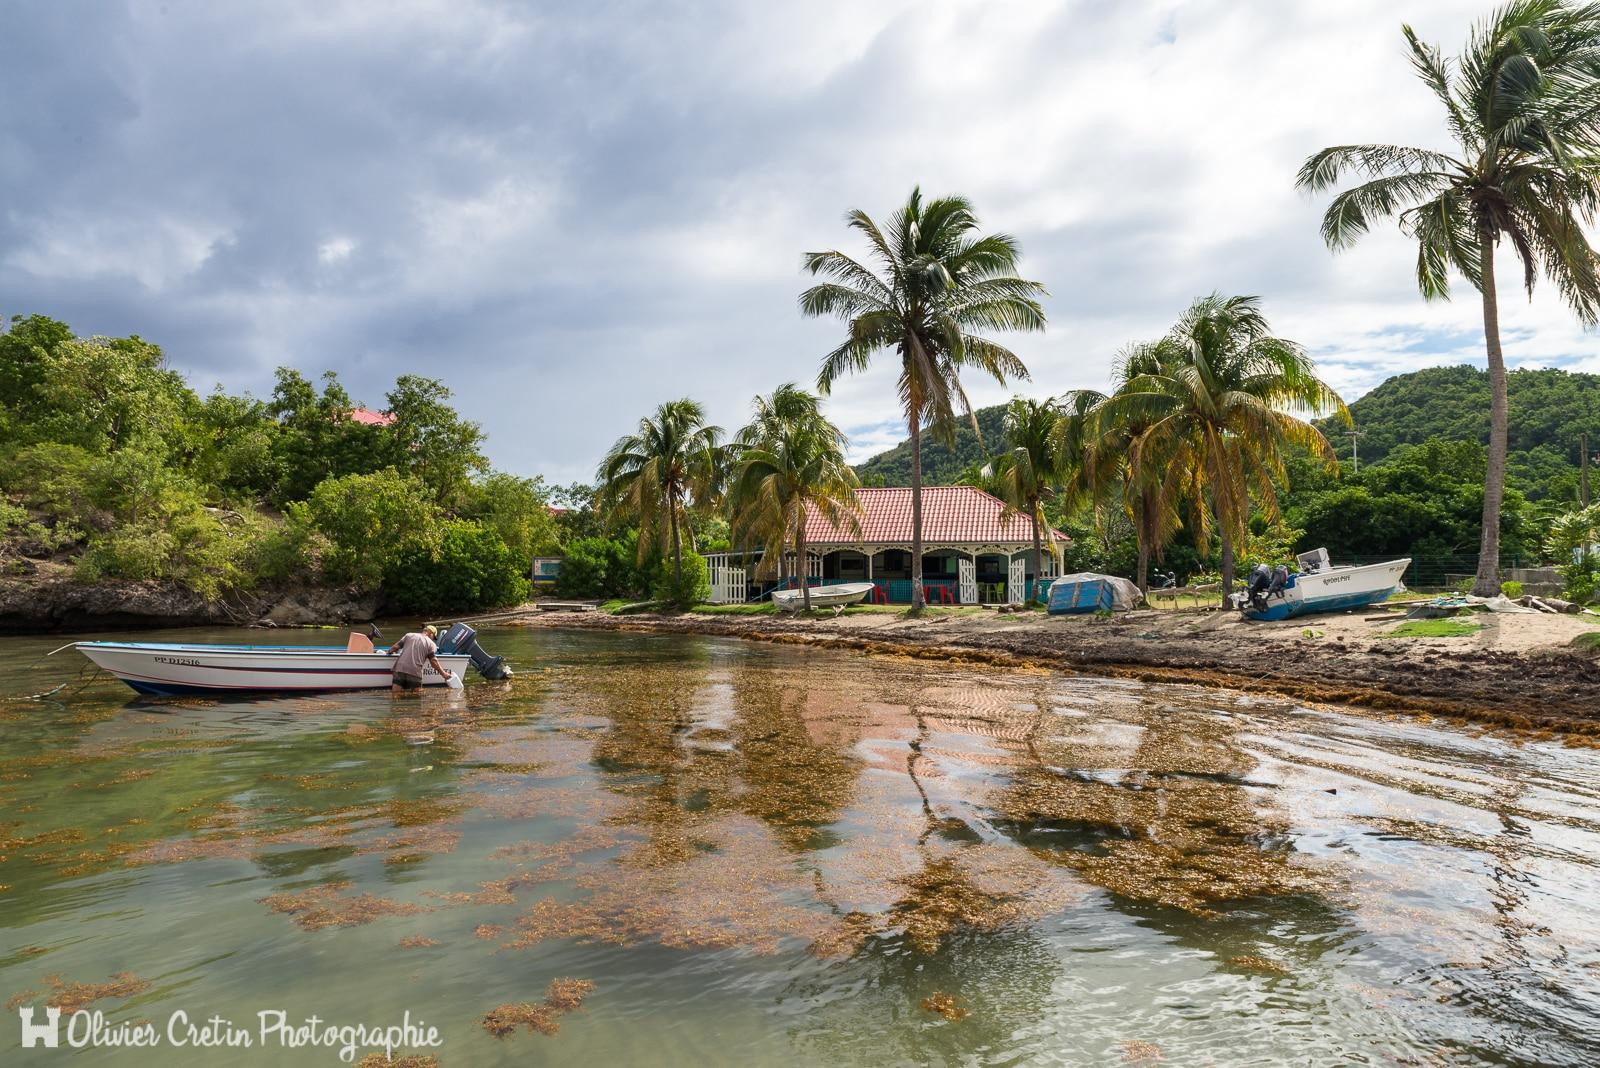 Guadeloupe - Terre de Haut (les Saintes) - Ecopage du matin sur une plage moyen paradisiaque